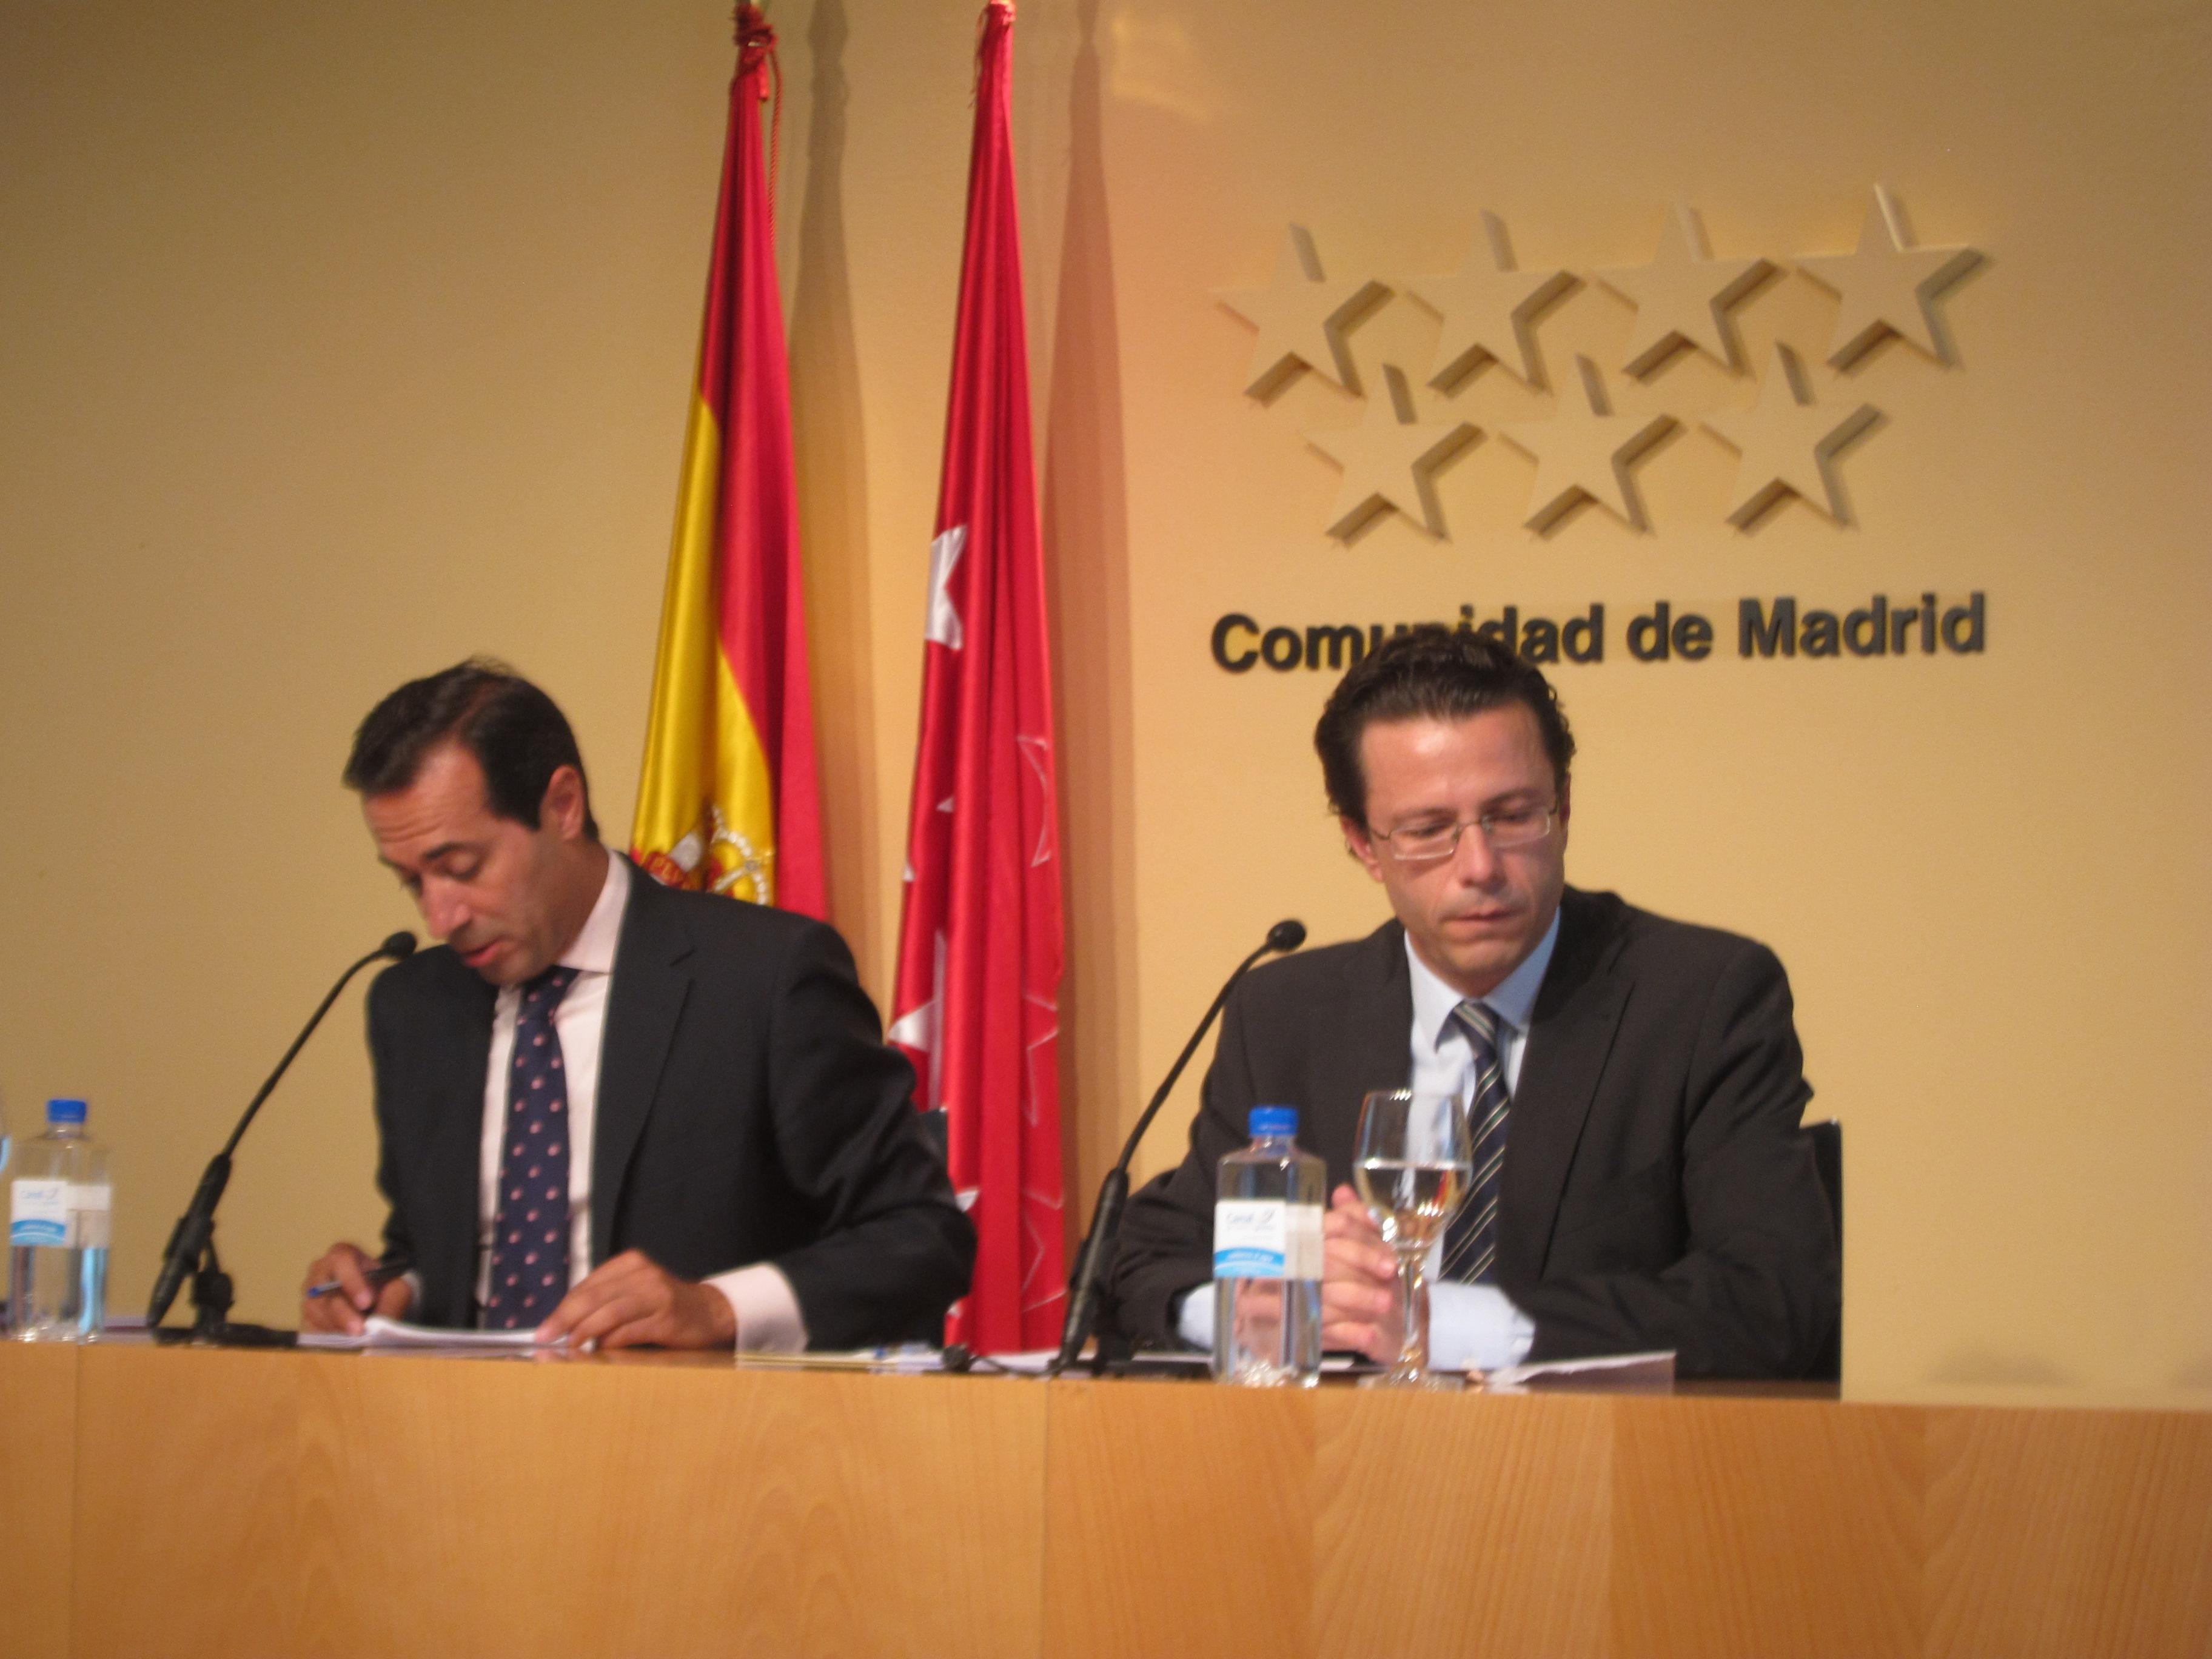 La Comunidad de Madrid recurrirá el auto del TSJM que paraliza por tercera vez la externalización sanitaria